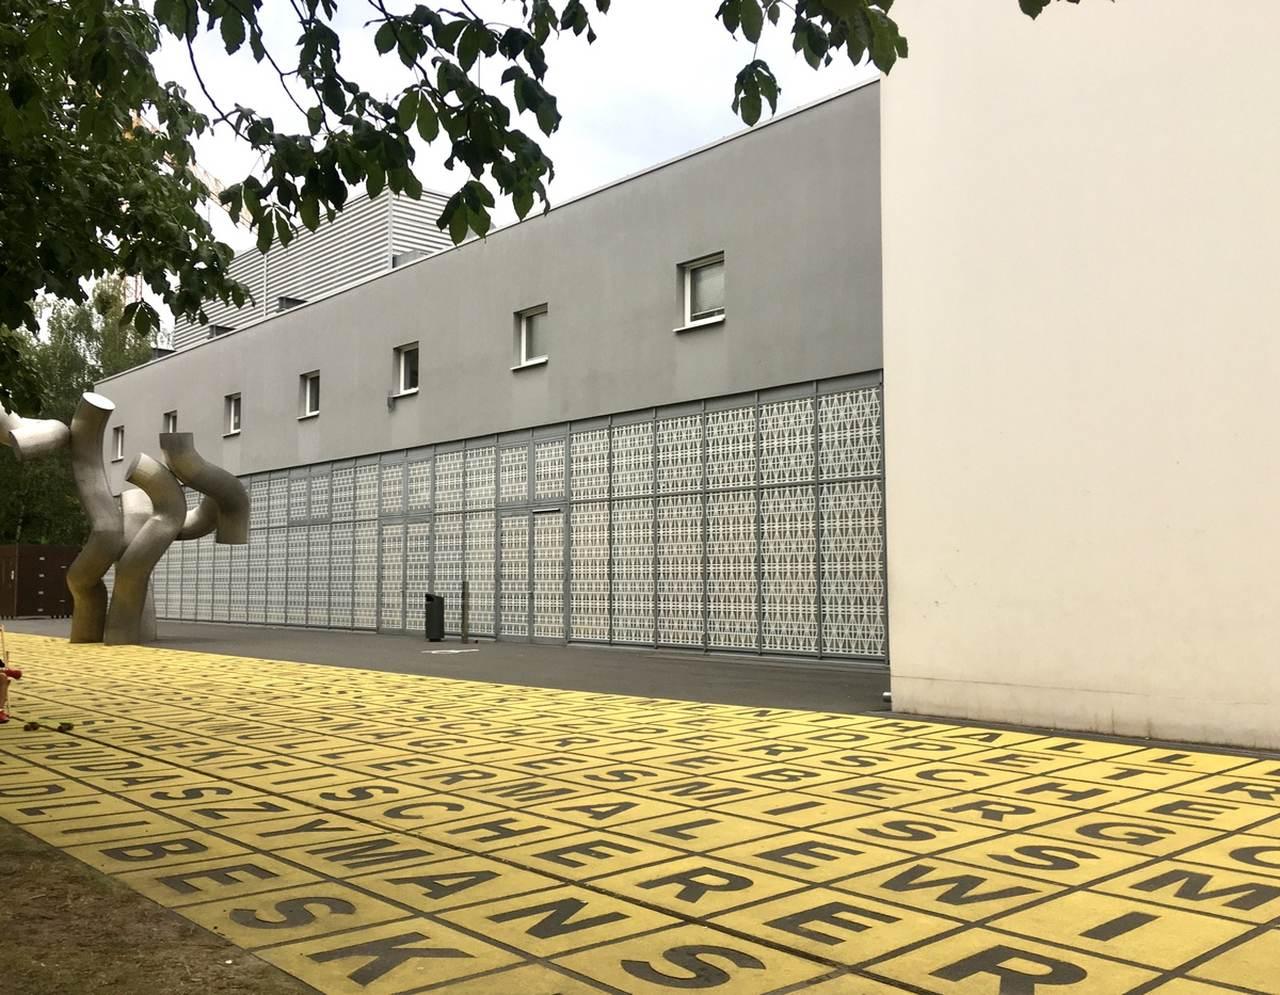 Gezeichnete Stadt - Ausstellung in der Berlinischen Galerie Arbeiten auf Papier 1945 bis heute. Großstadt-Zeugnisse